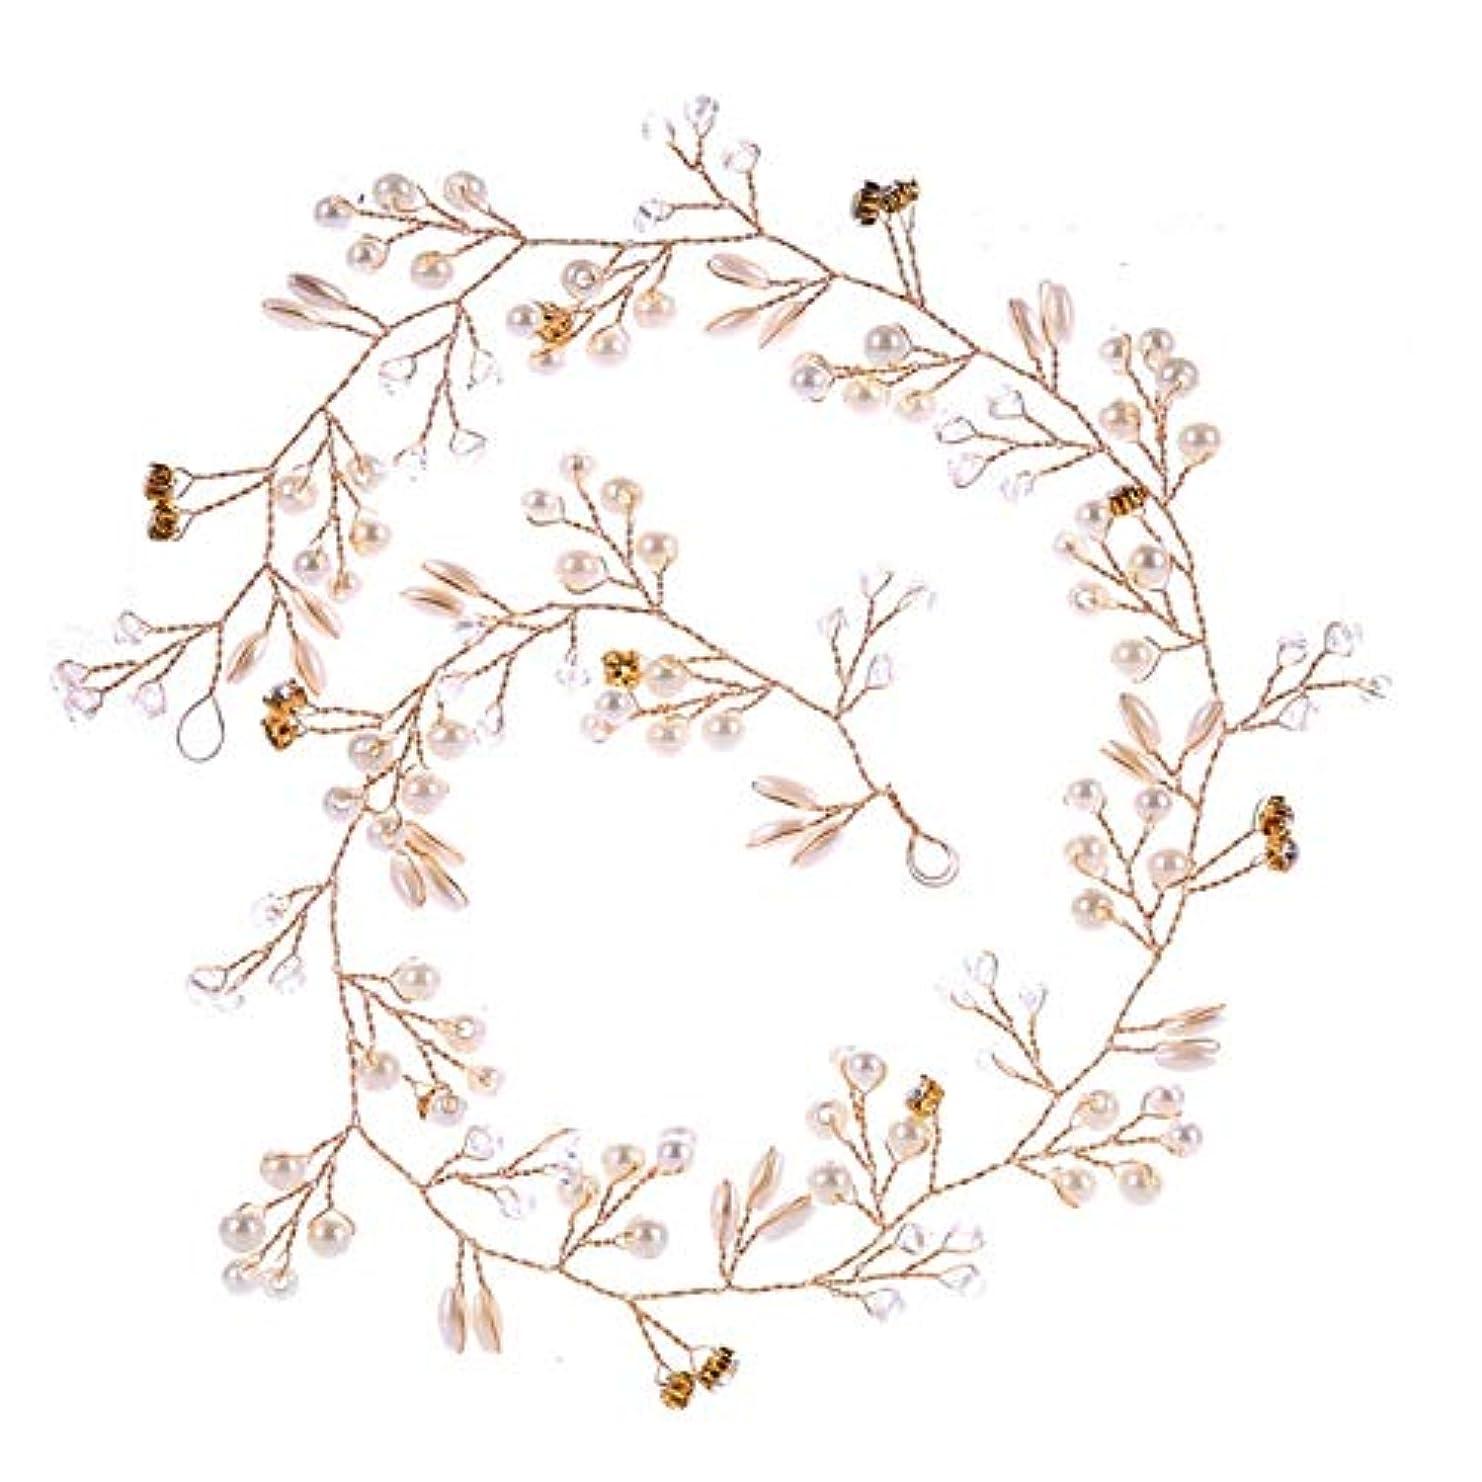 ローン天井ギャラリーHairpinheair YHM 50センチ結婚式のファッションヘッドドレス花嫁手作りの結婚式の王冠花パールヘアアクセサリーヘアピンの装飾品(ゴールド) (色 : Gold)